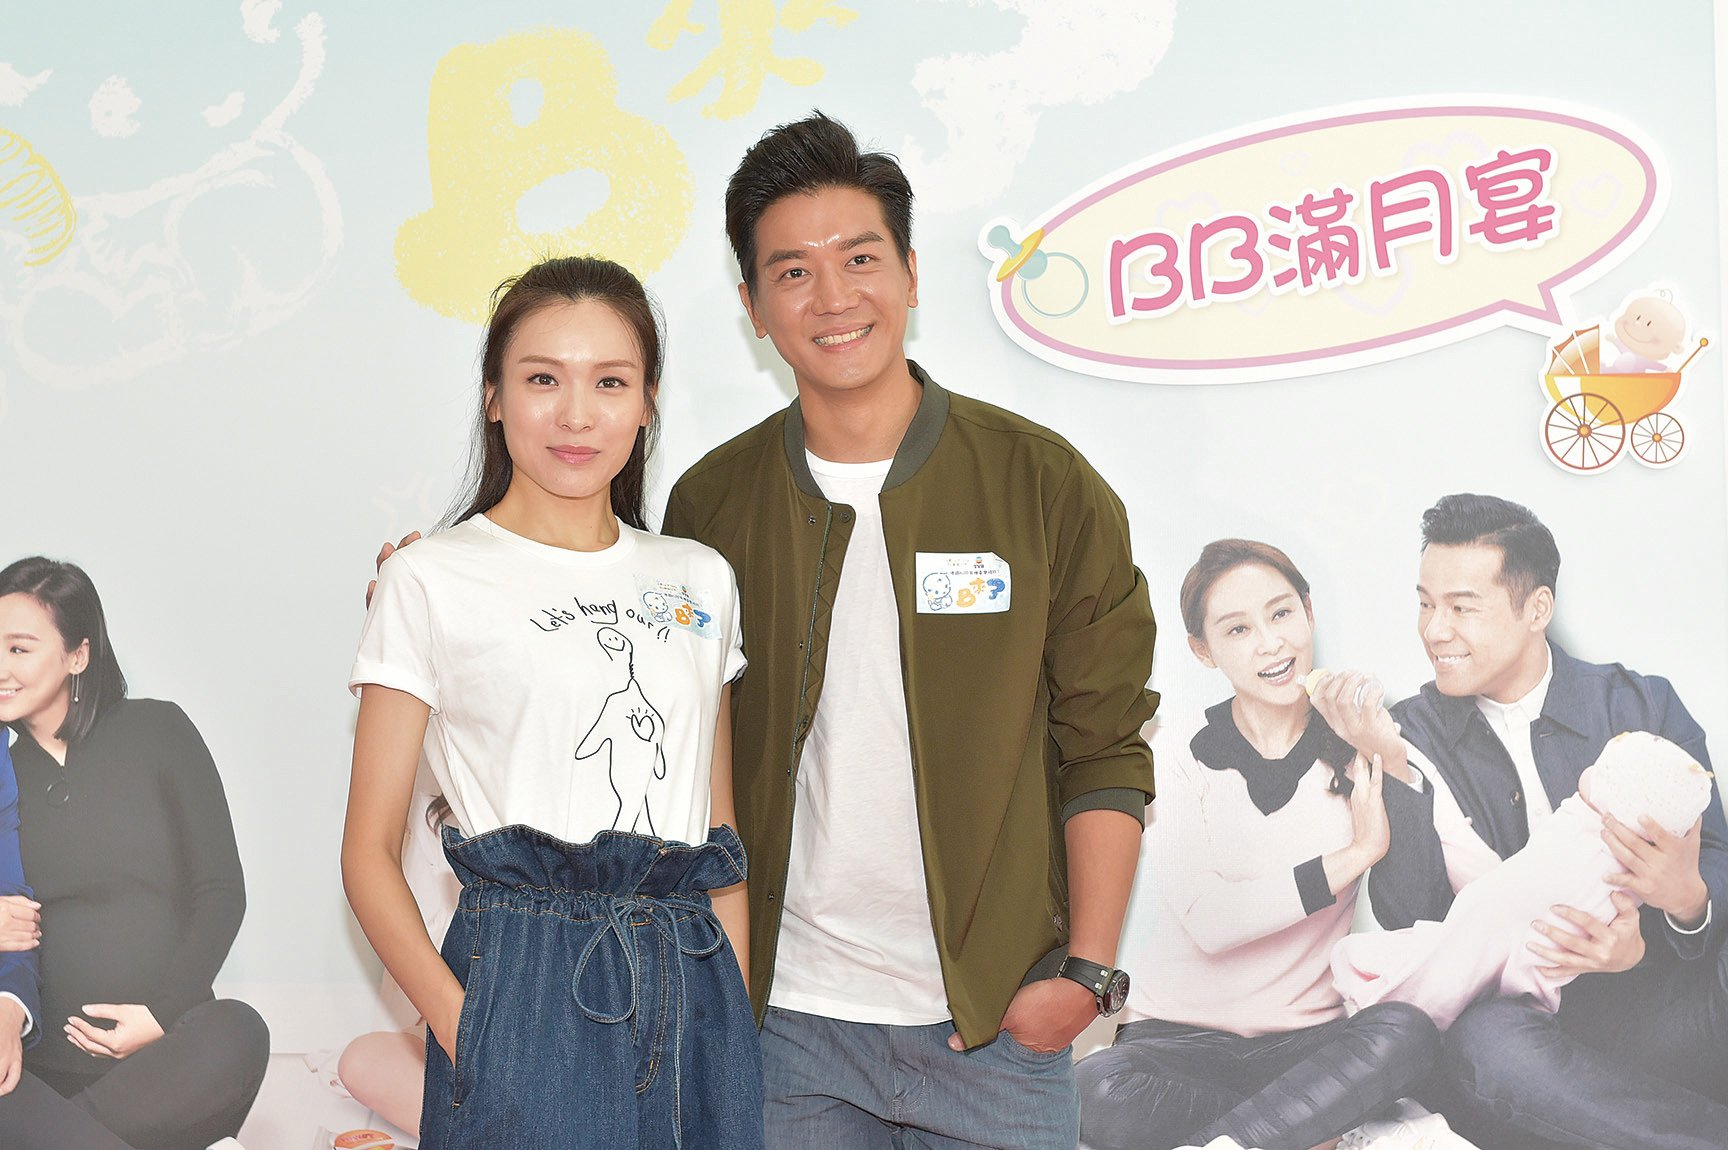 李佳芯(左)表示暫時無結婚生BB計劃;黎諾懿(右)透露《BB來了》拍攝過程奇妙又有趣。(郭威利/大紀元)